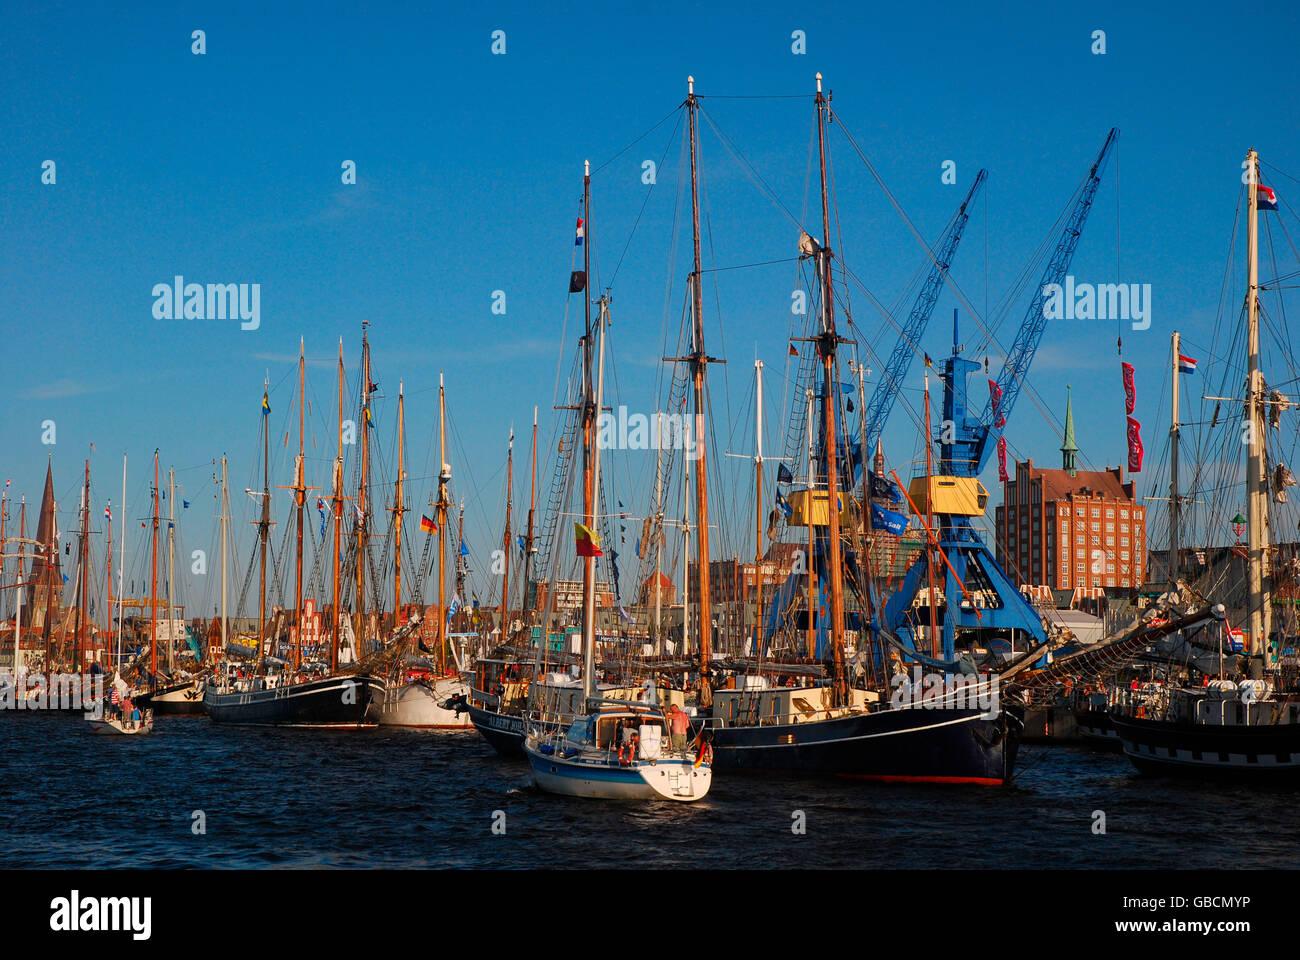 Sommer, Ostsee, Segelhafen, Binnenhafen, Hansestadt, Rostock, Mecklenburg-Vorpommern, Deutschland Stock Photo